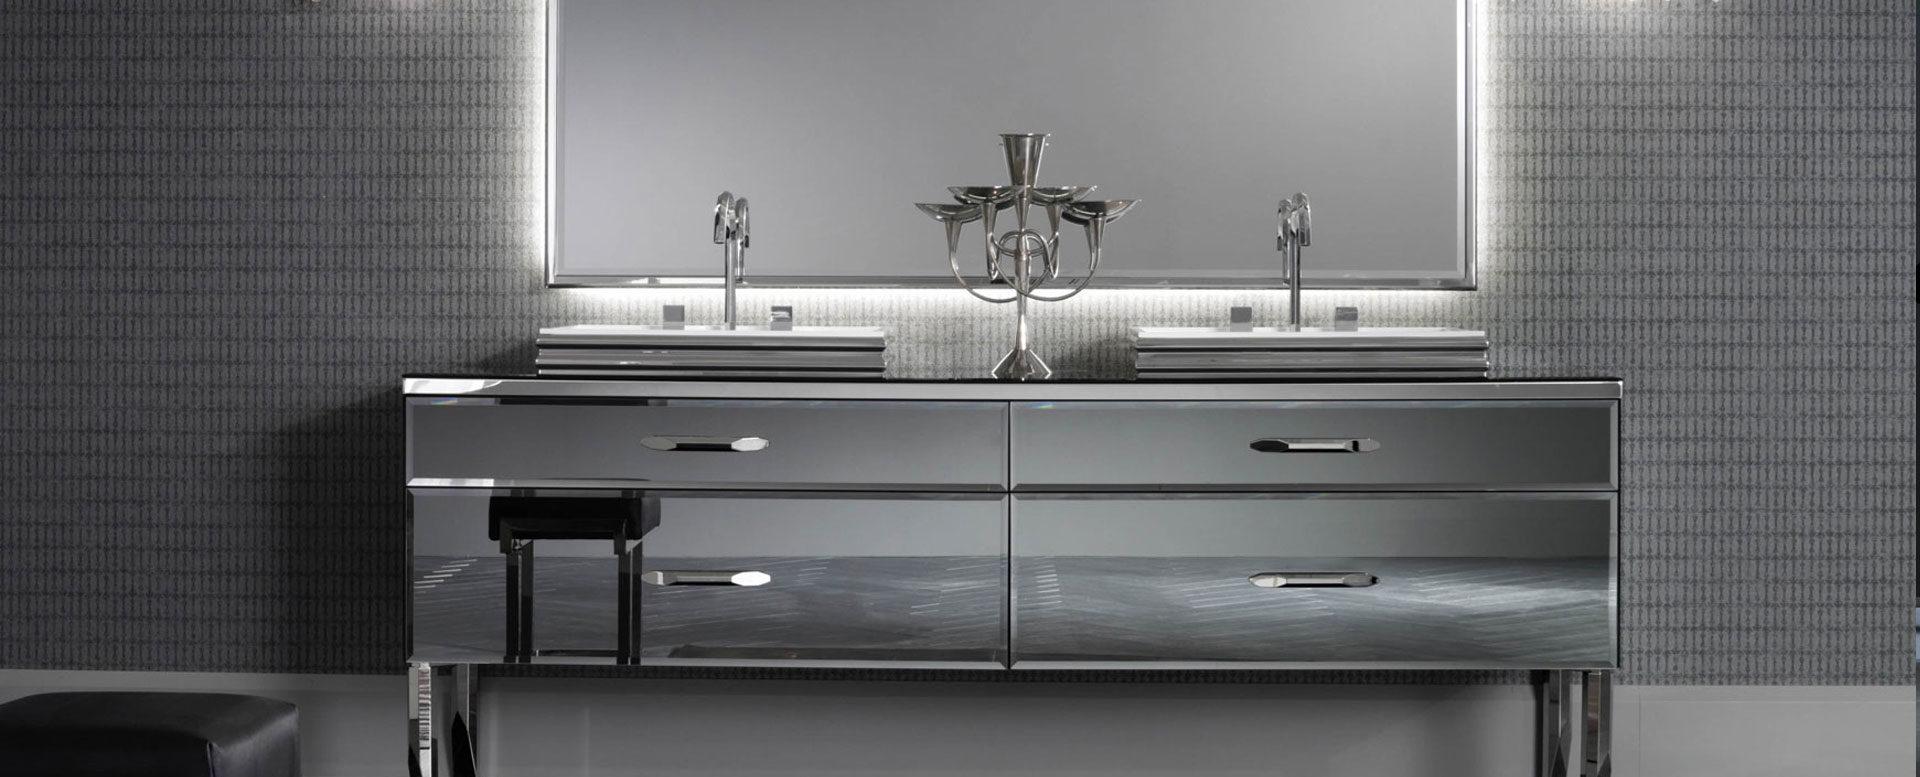 Bathrooms - Blackburn Tile Centre - Best Tiles Manufacturer in U. K.